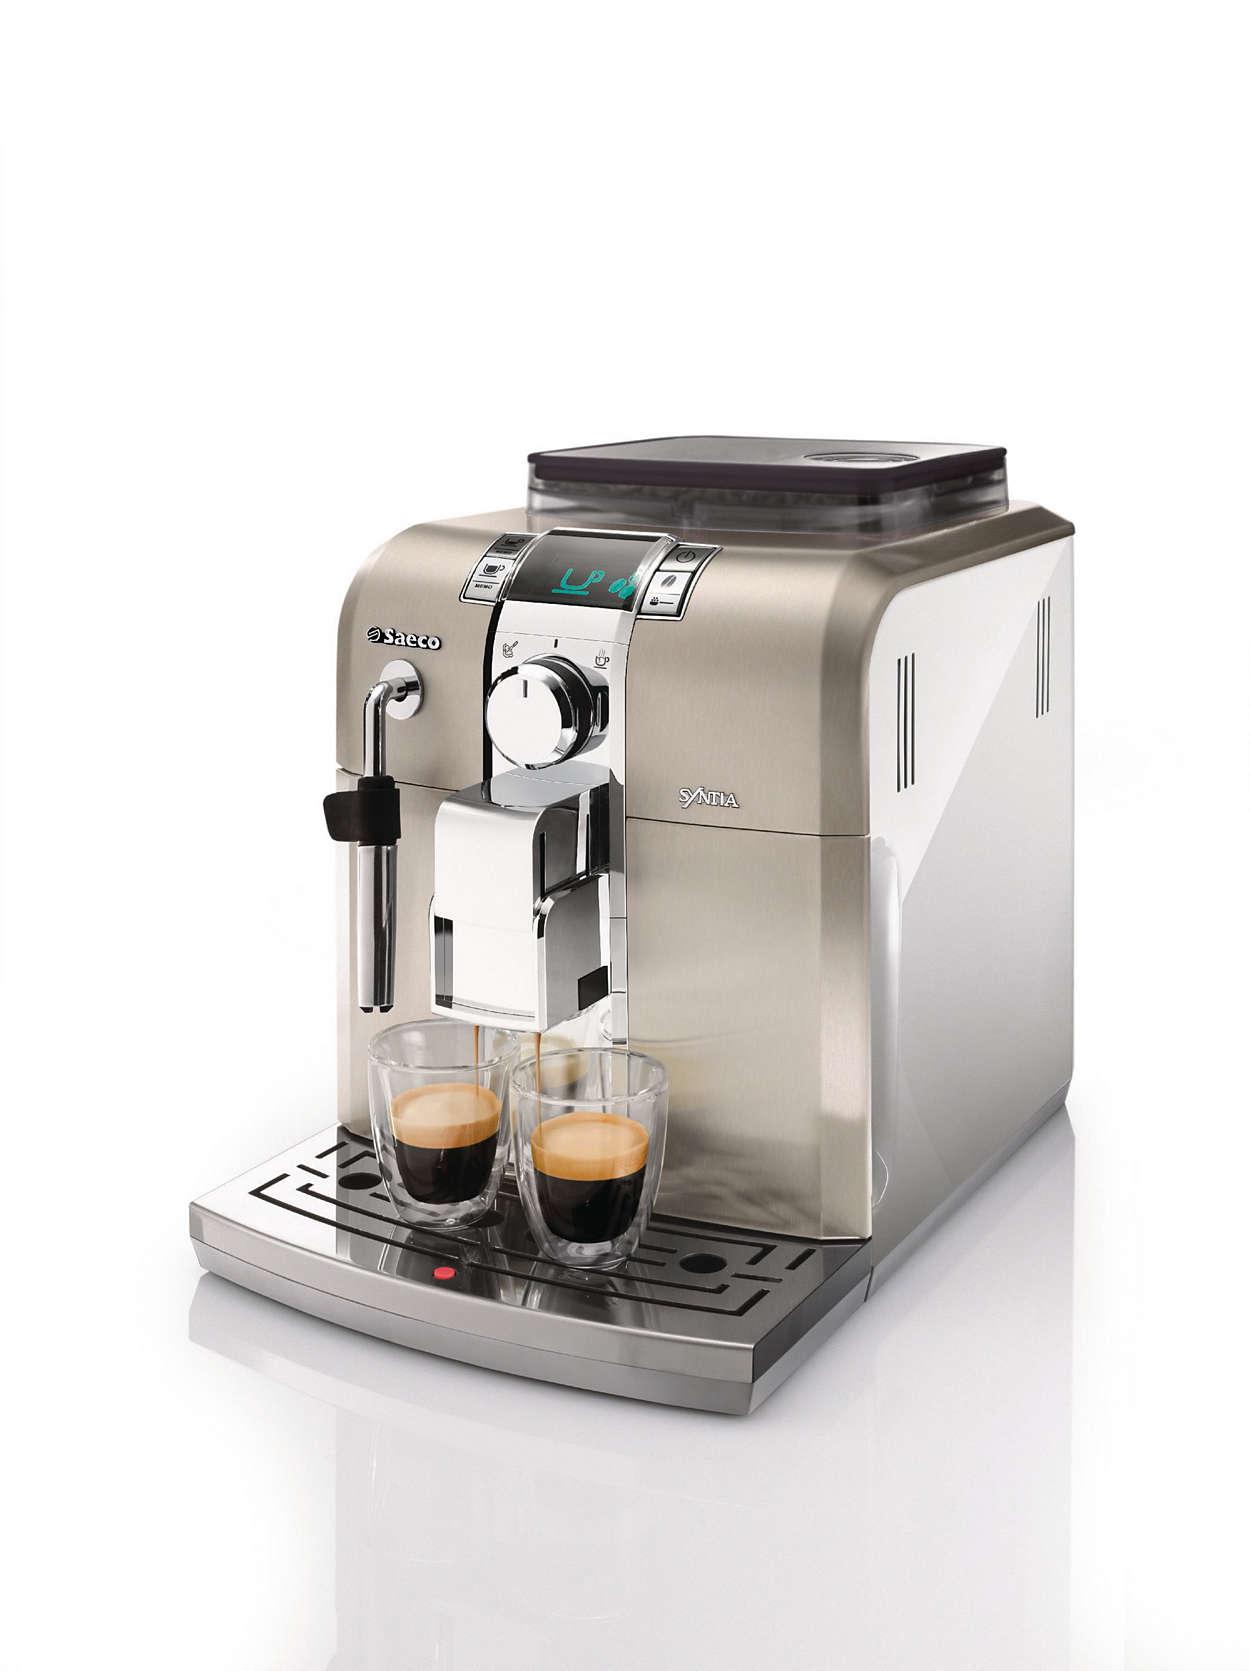 Il piacere di un espresso sempre perfetto